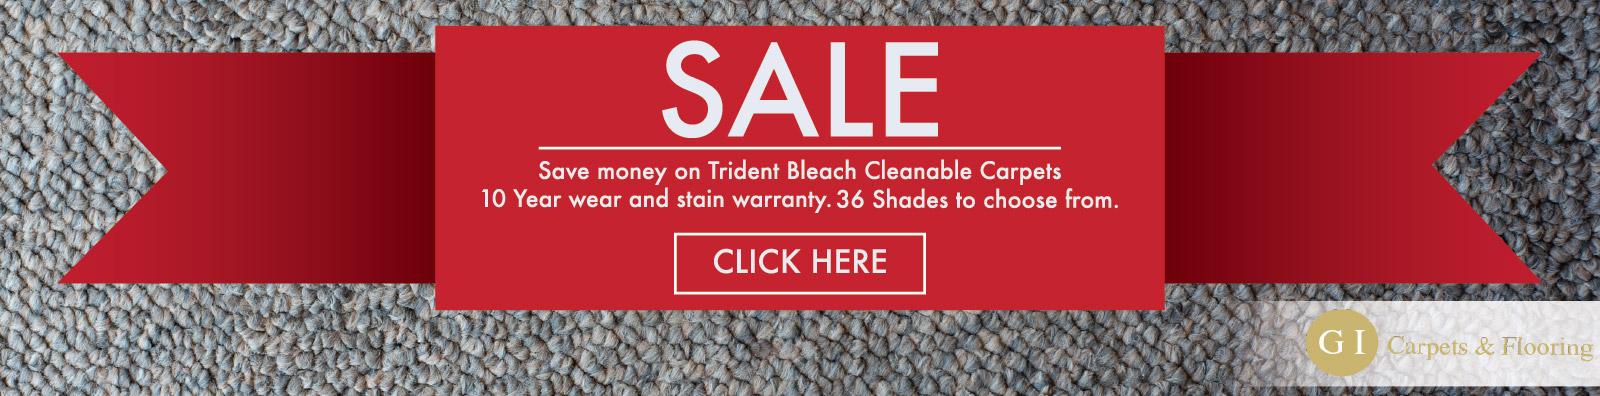 GI-Carpets-Llanelli-Bury-Port-Carpet-for-Sale-SPECIAL-OFFER-BANNER